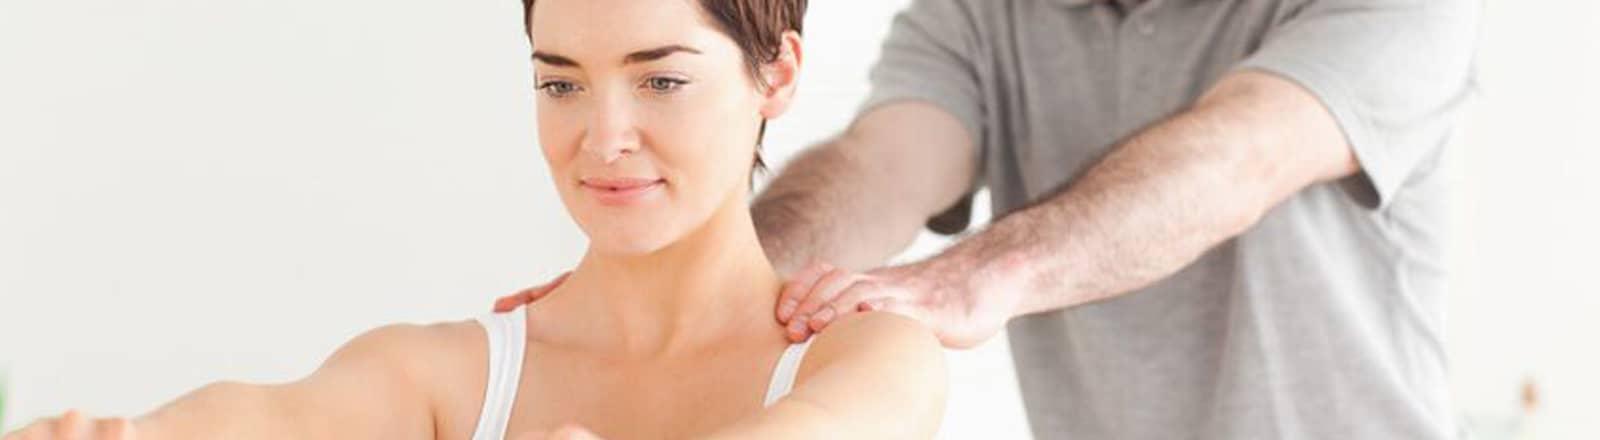 tratamiento neurologico fisioterapia a domicilio